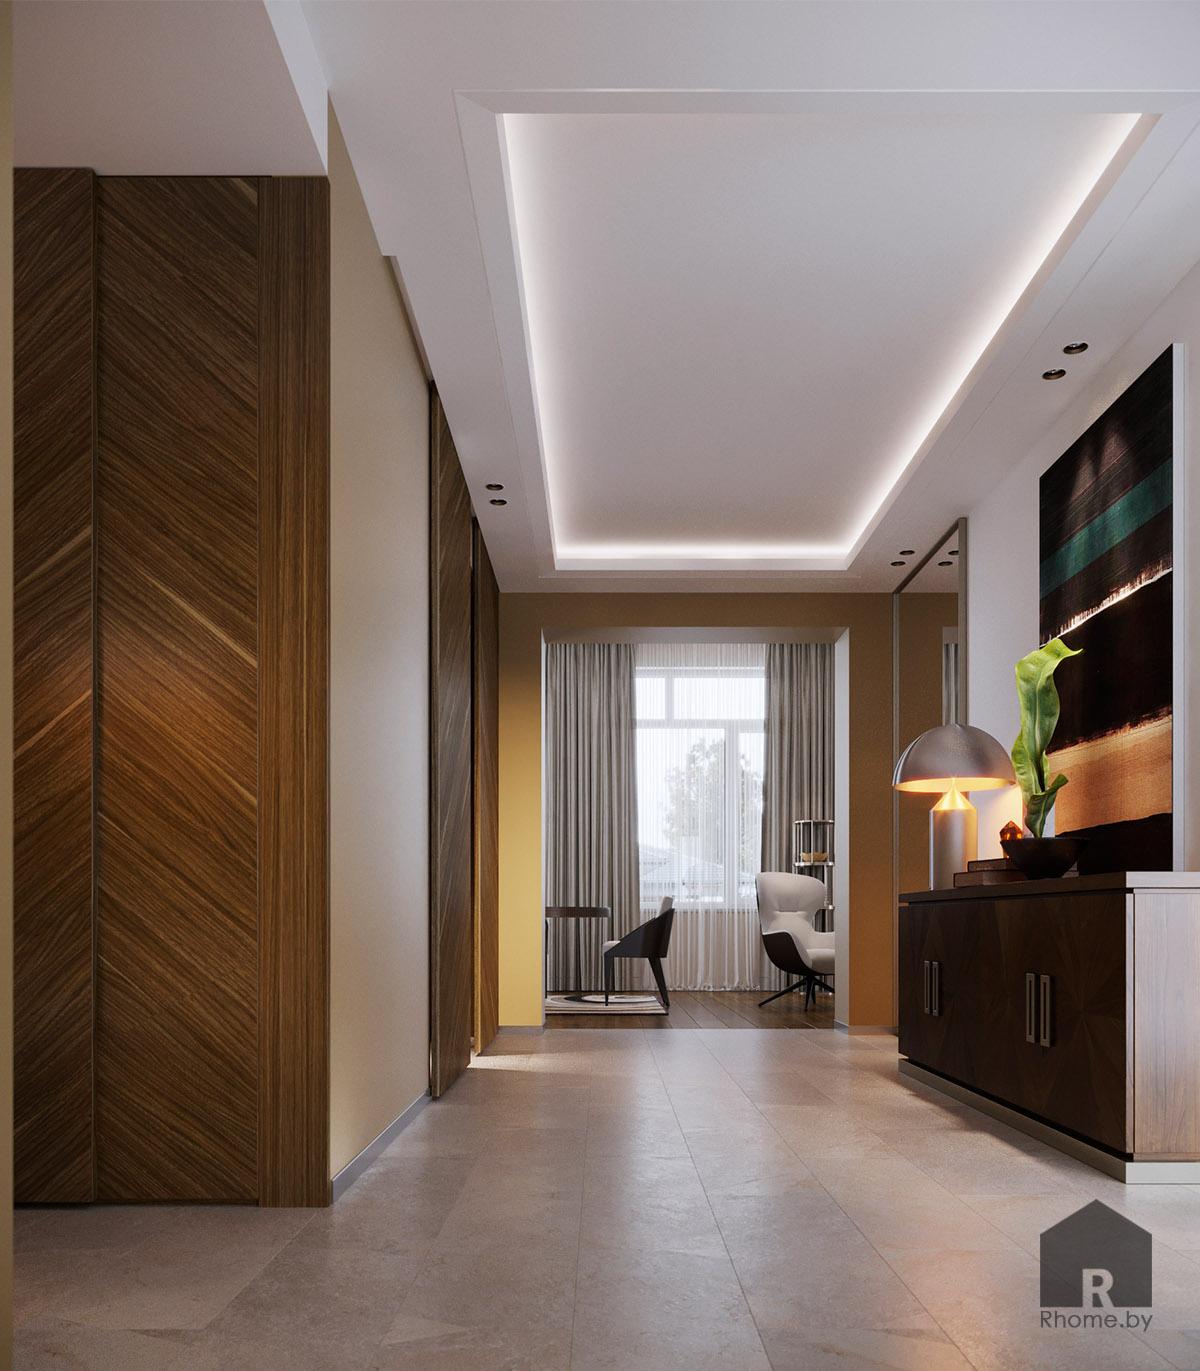 Дизайн интерьера холла в Березовой роще | Дизайн студия – Rhome.by